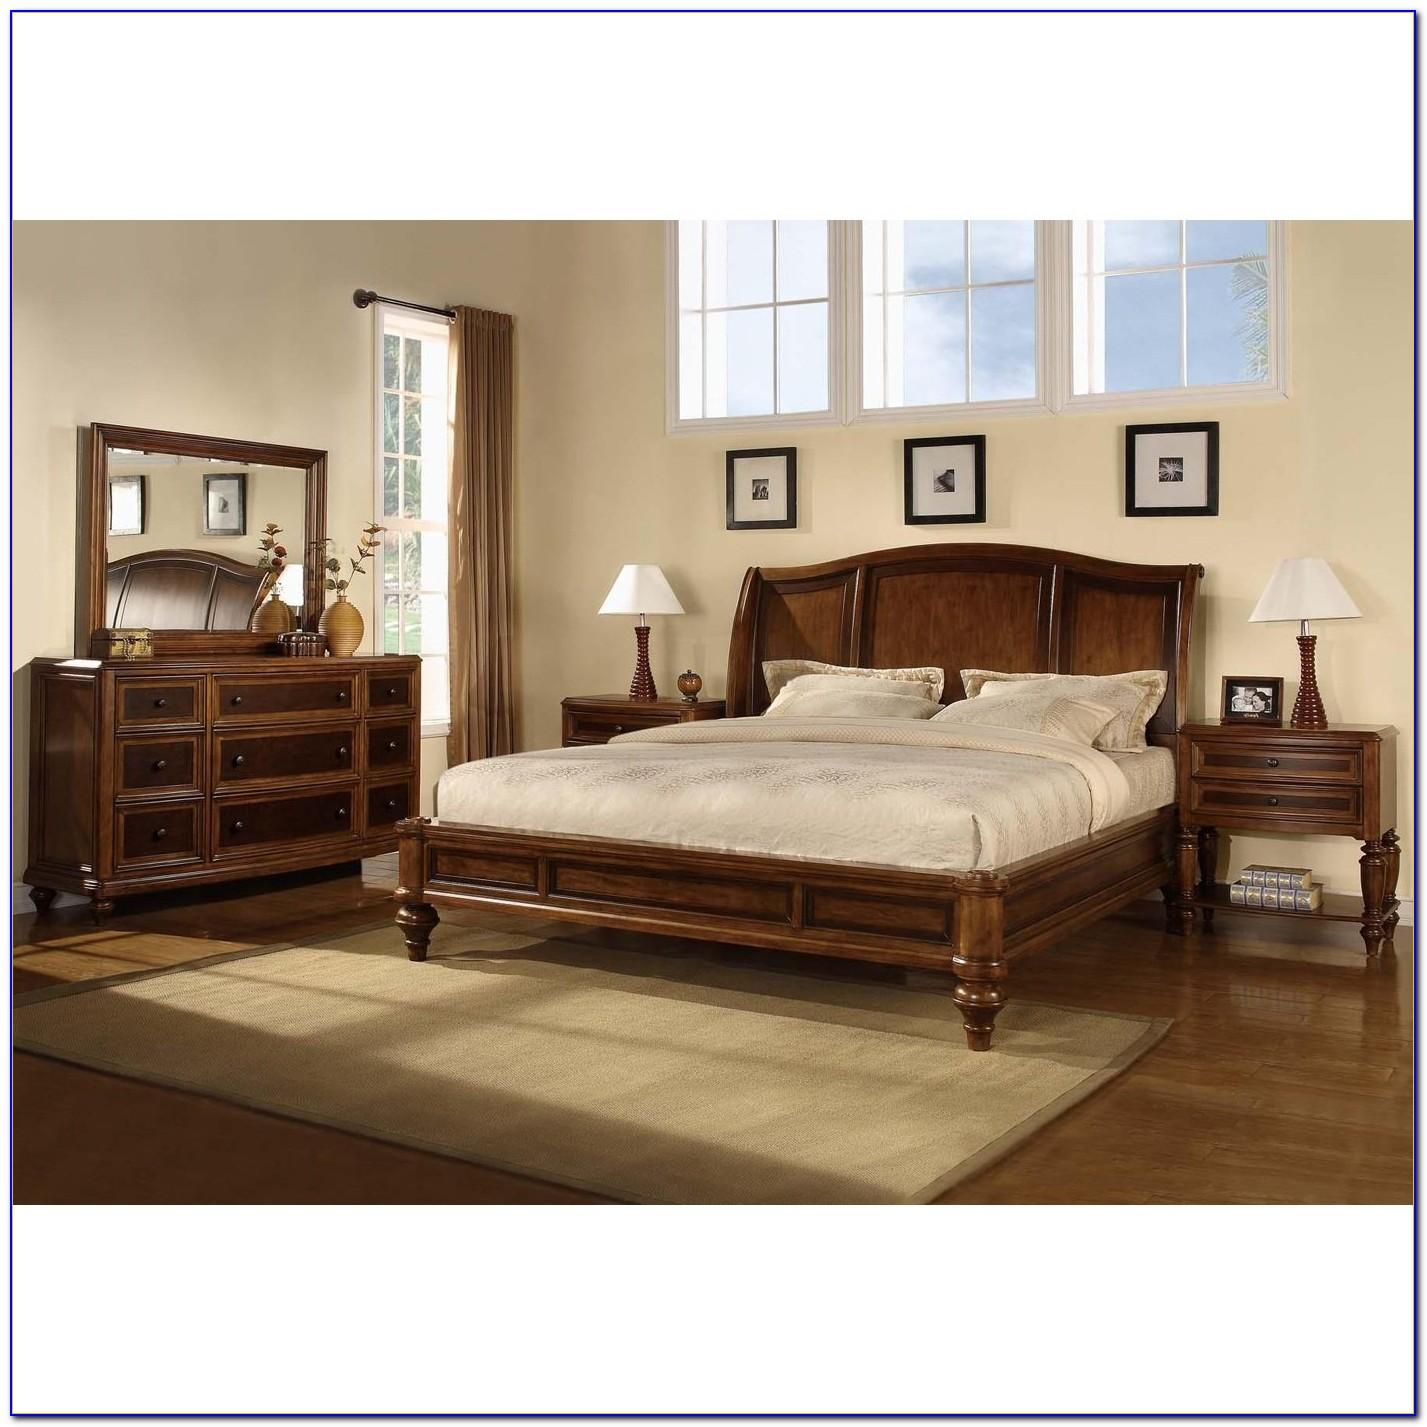 Bedroom Furniture Set King Size